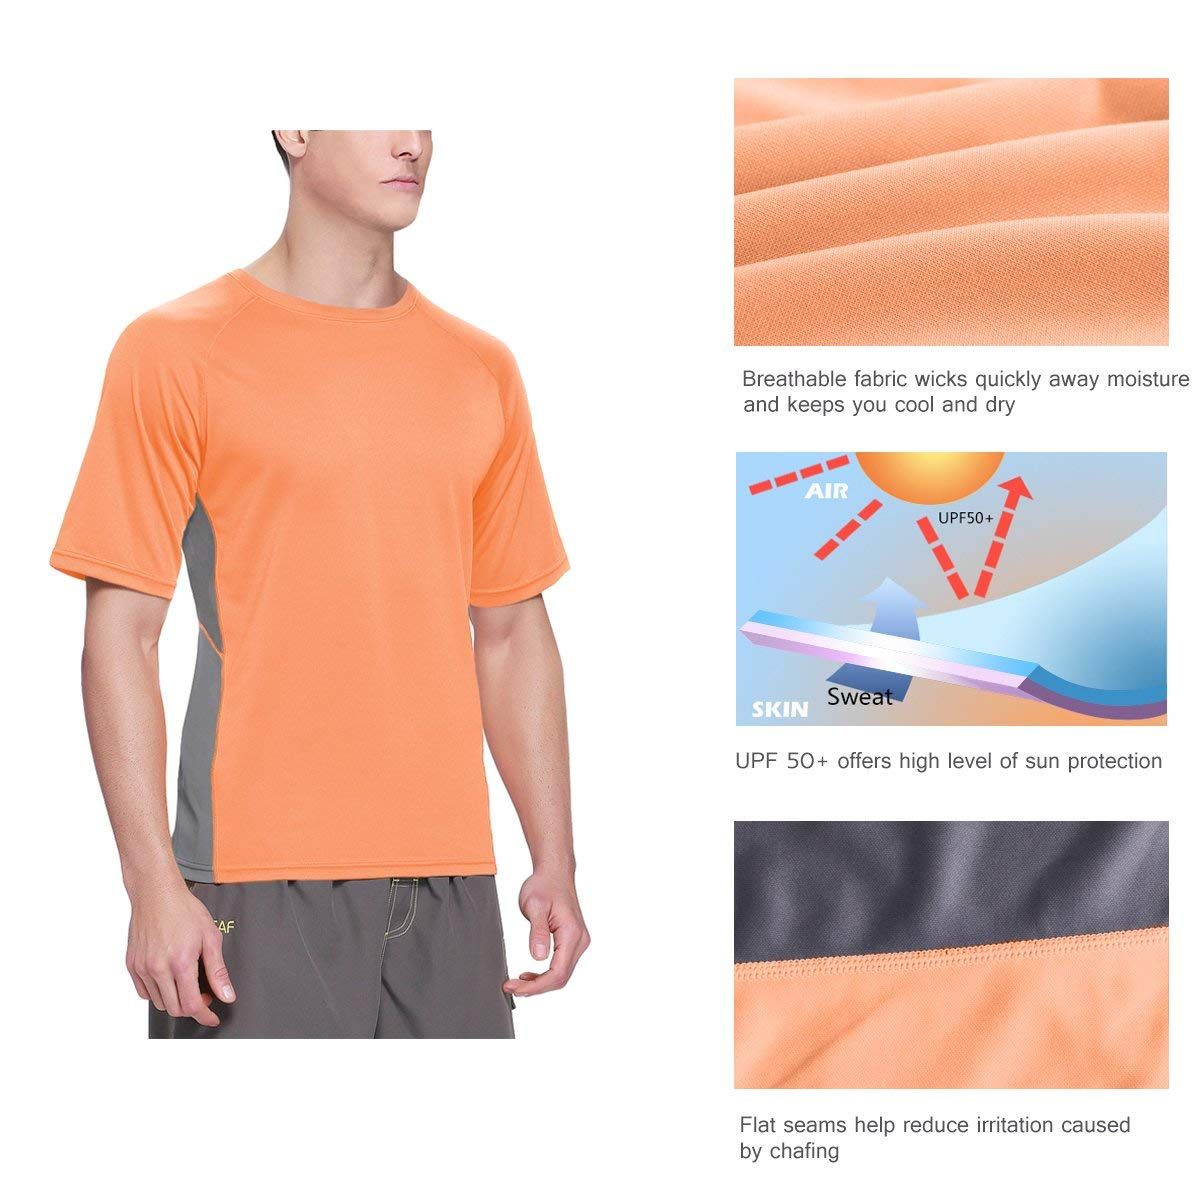 Baleaf Men's Short Sleeve Sun Protection Rashguard Swim Shirt UPF 50+ Fluorescent Orange S by Baleaf (Image #5)